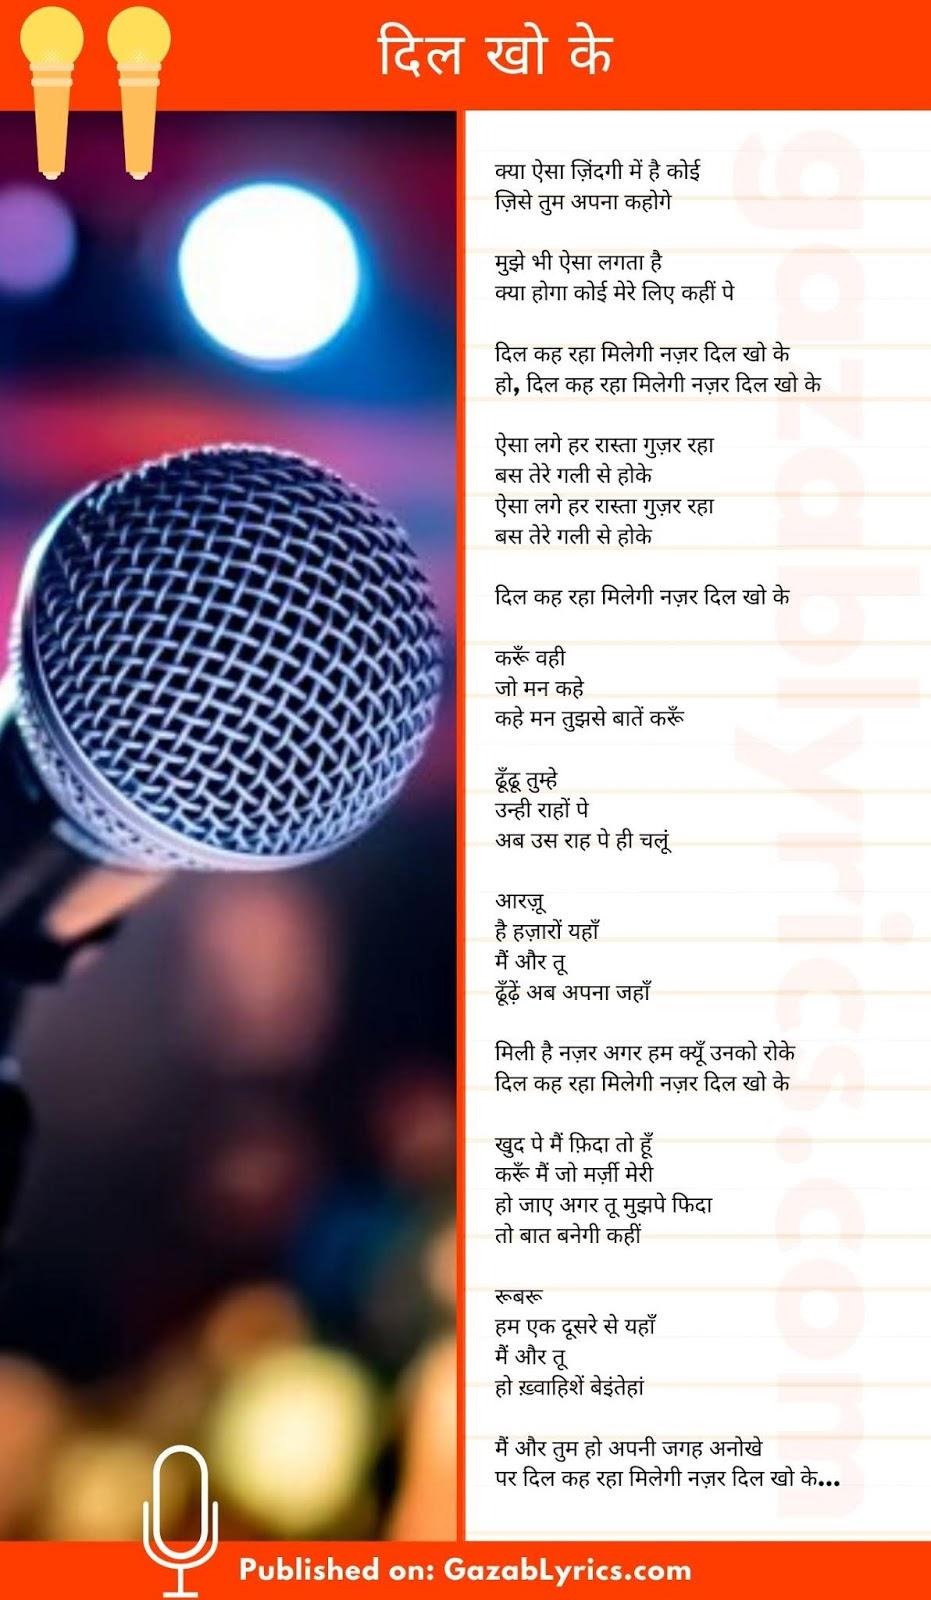 Dil Kho Ke song lyrics image